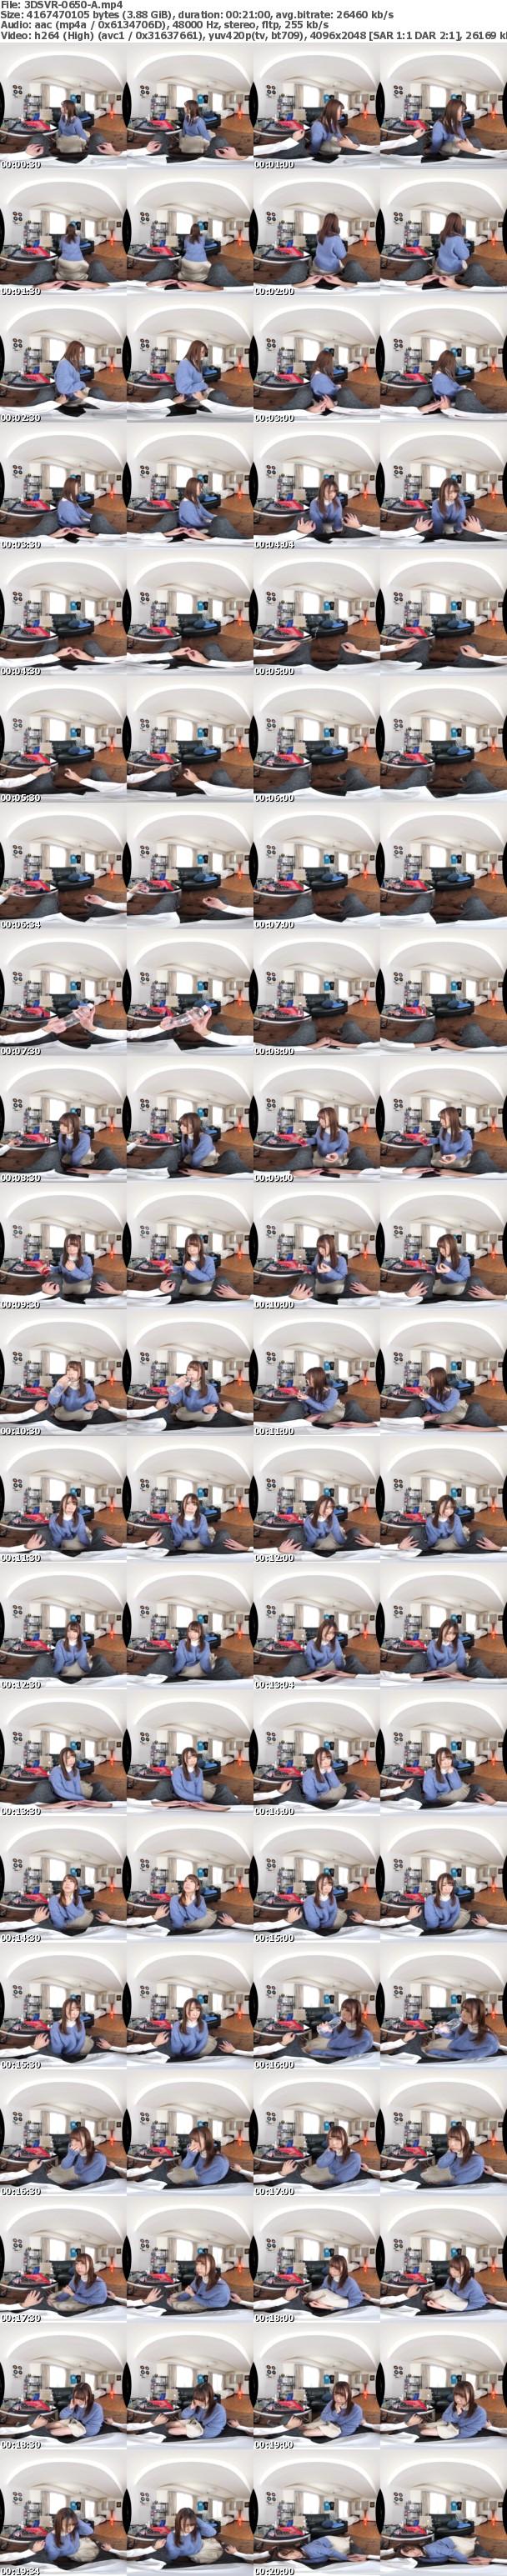 (VR) 3DSVR-0650 ハイパー超キメセクVR【激ヤバ劇薬!!ドM本能大覚醒】媚薬・覚醒・絶頂・SEX中毒になった彼女にキメパコ好き放題ハメ倒されるVR まなみさん23歳